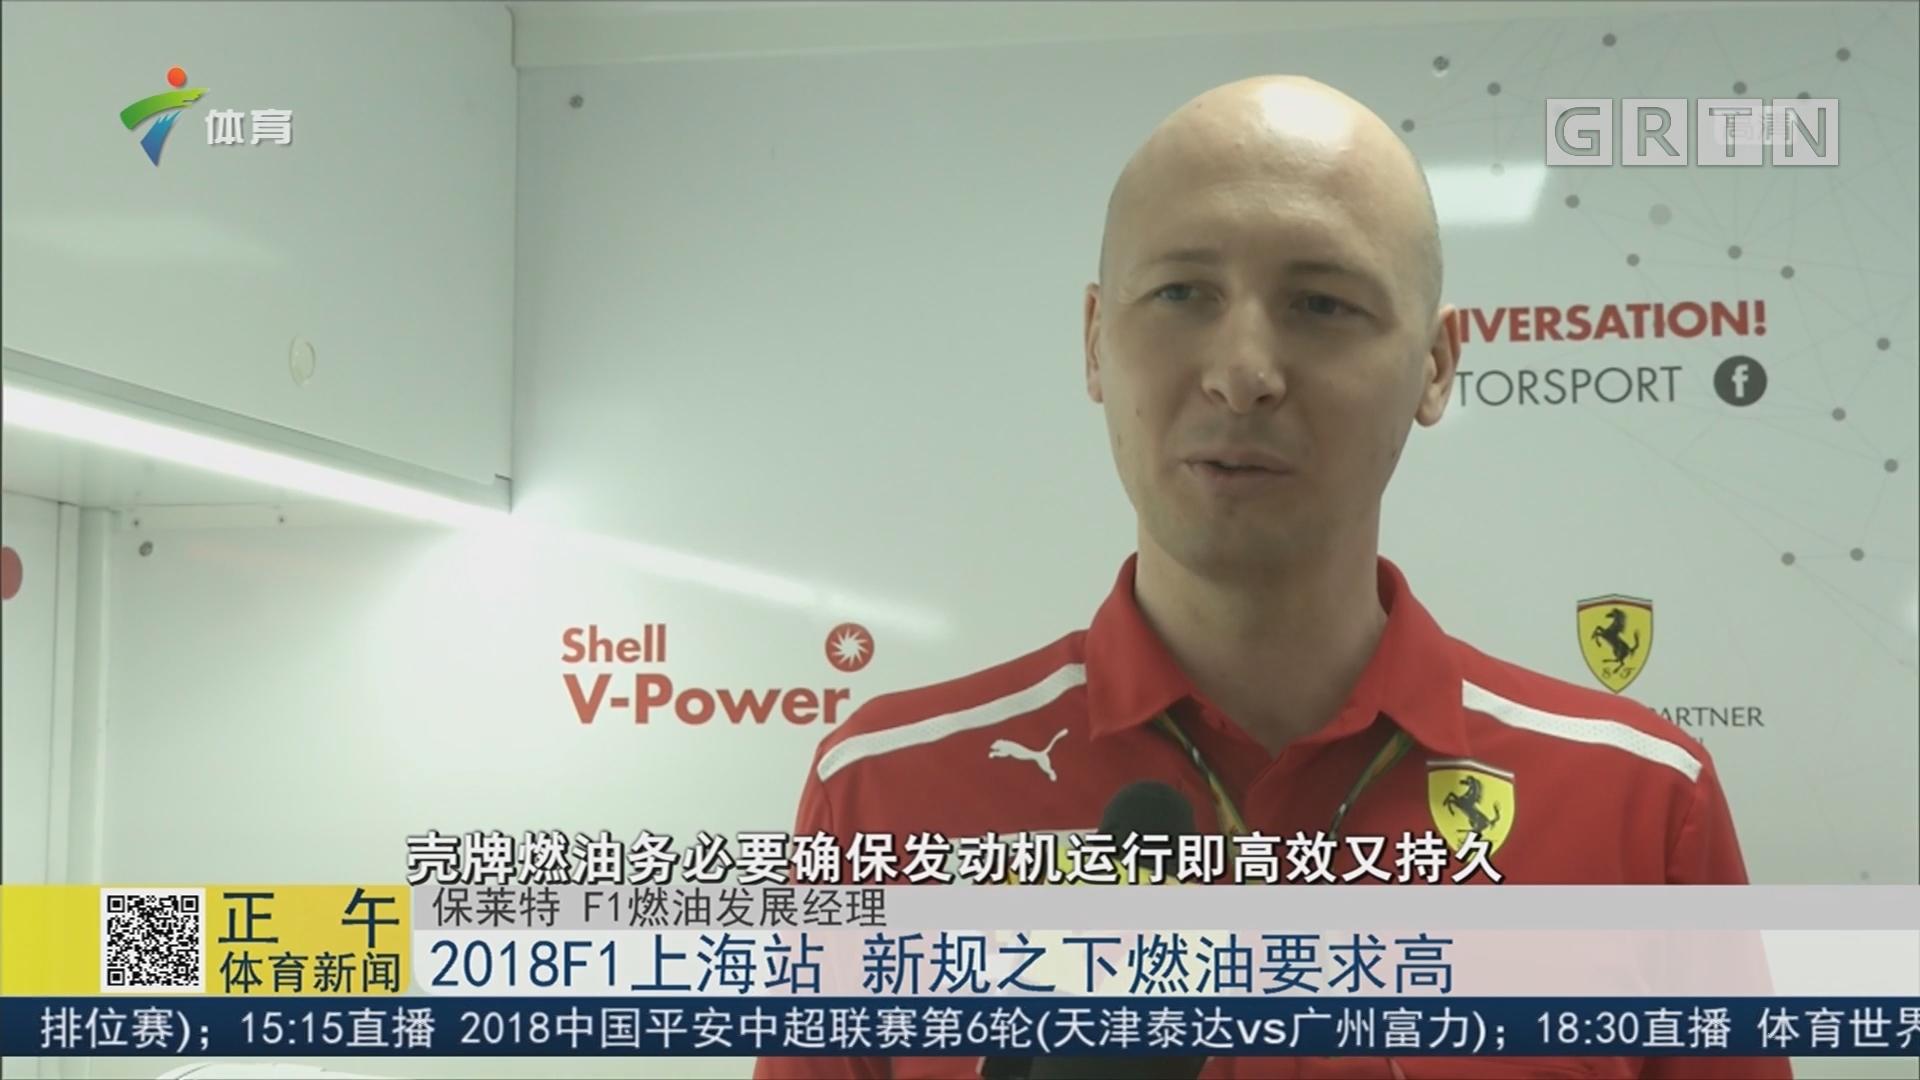 2018F1上海站 新规之下燃油要求高